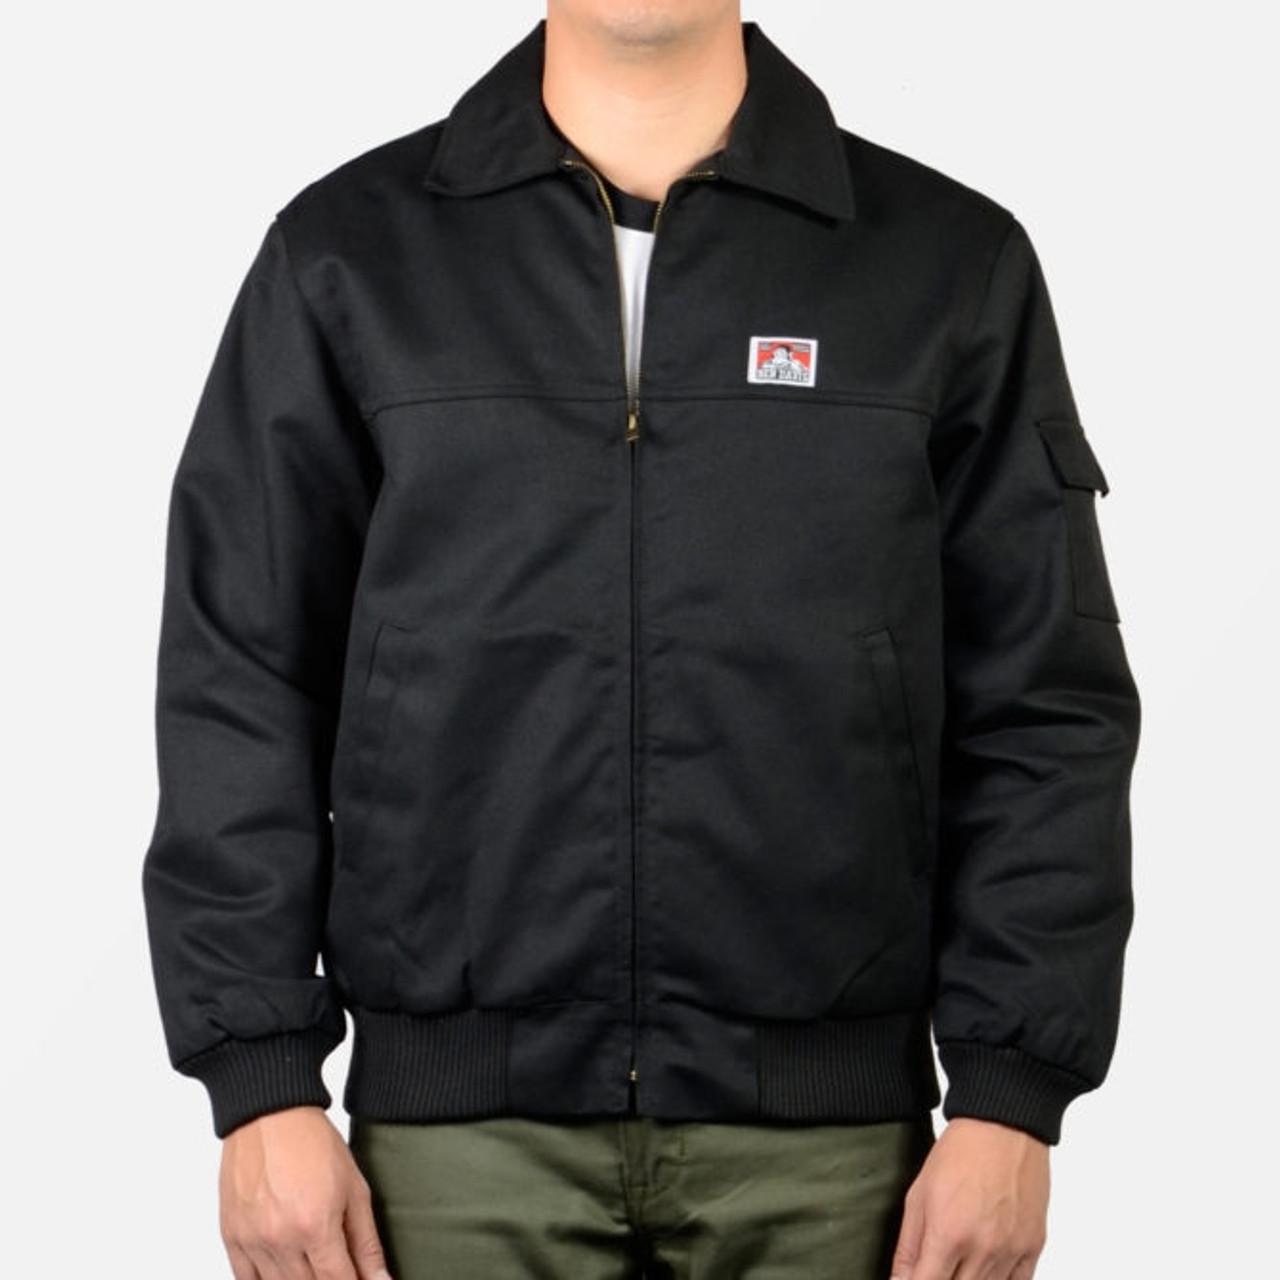 Ben Davis® Mechanics Jacket